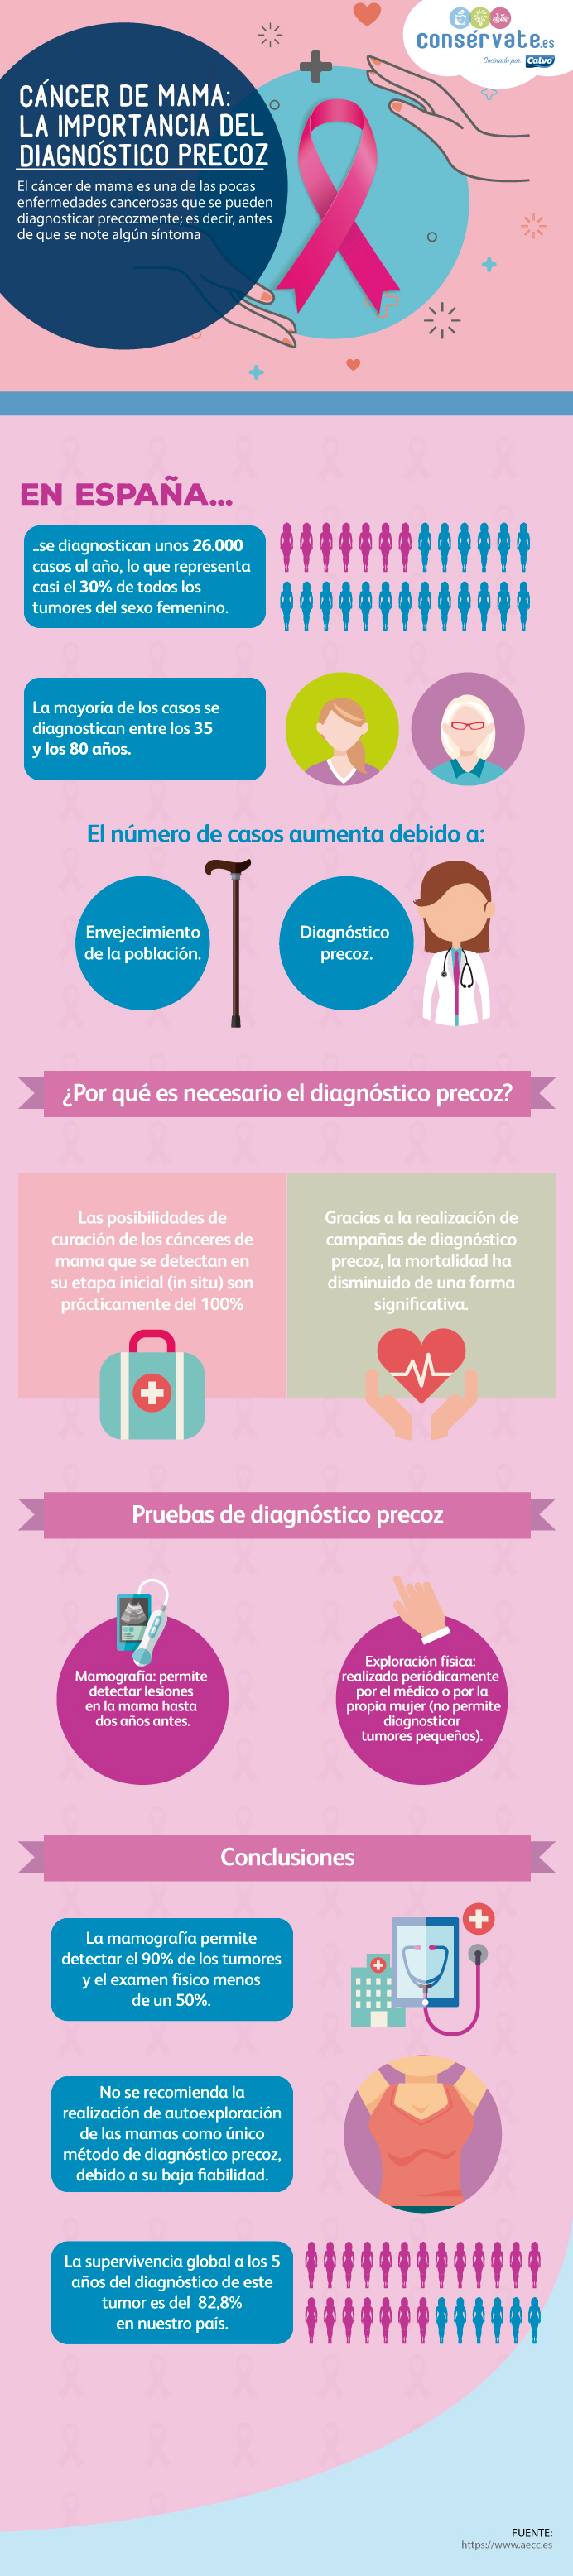 Cáncer de mama: la importancia del diagnóstico precoz